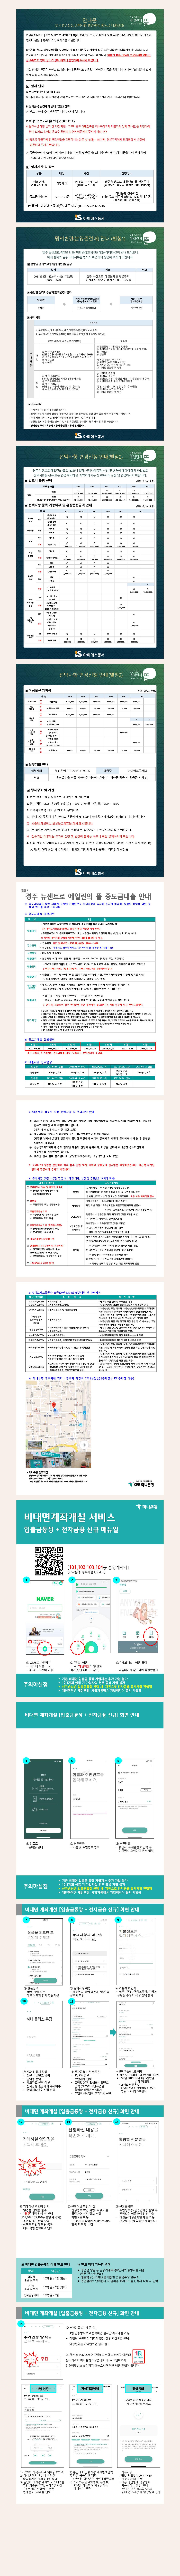 guide101-104.jpg